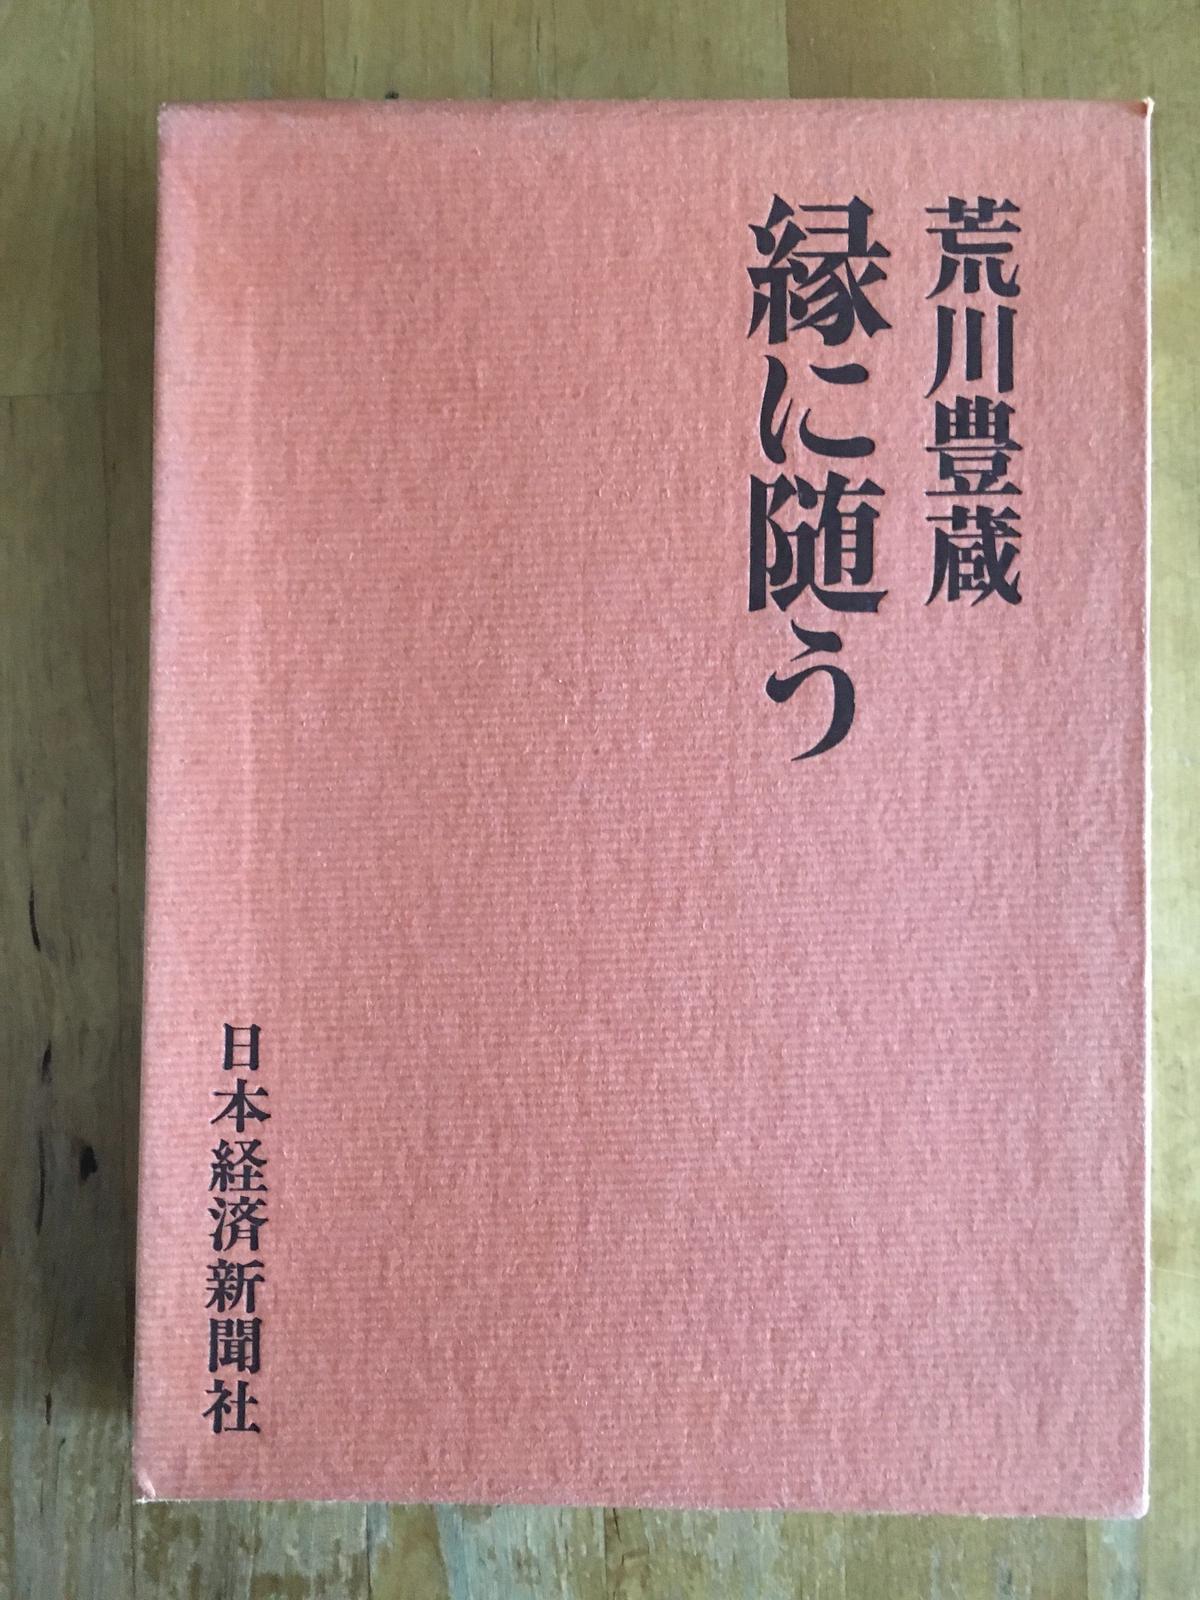 ファーイースタン・オールドブックス通信販売部            縁に随う 荒川豊蔵 (著) 日本経済新聞社